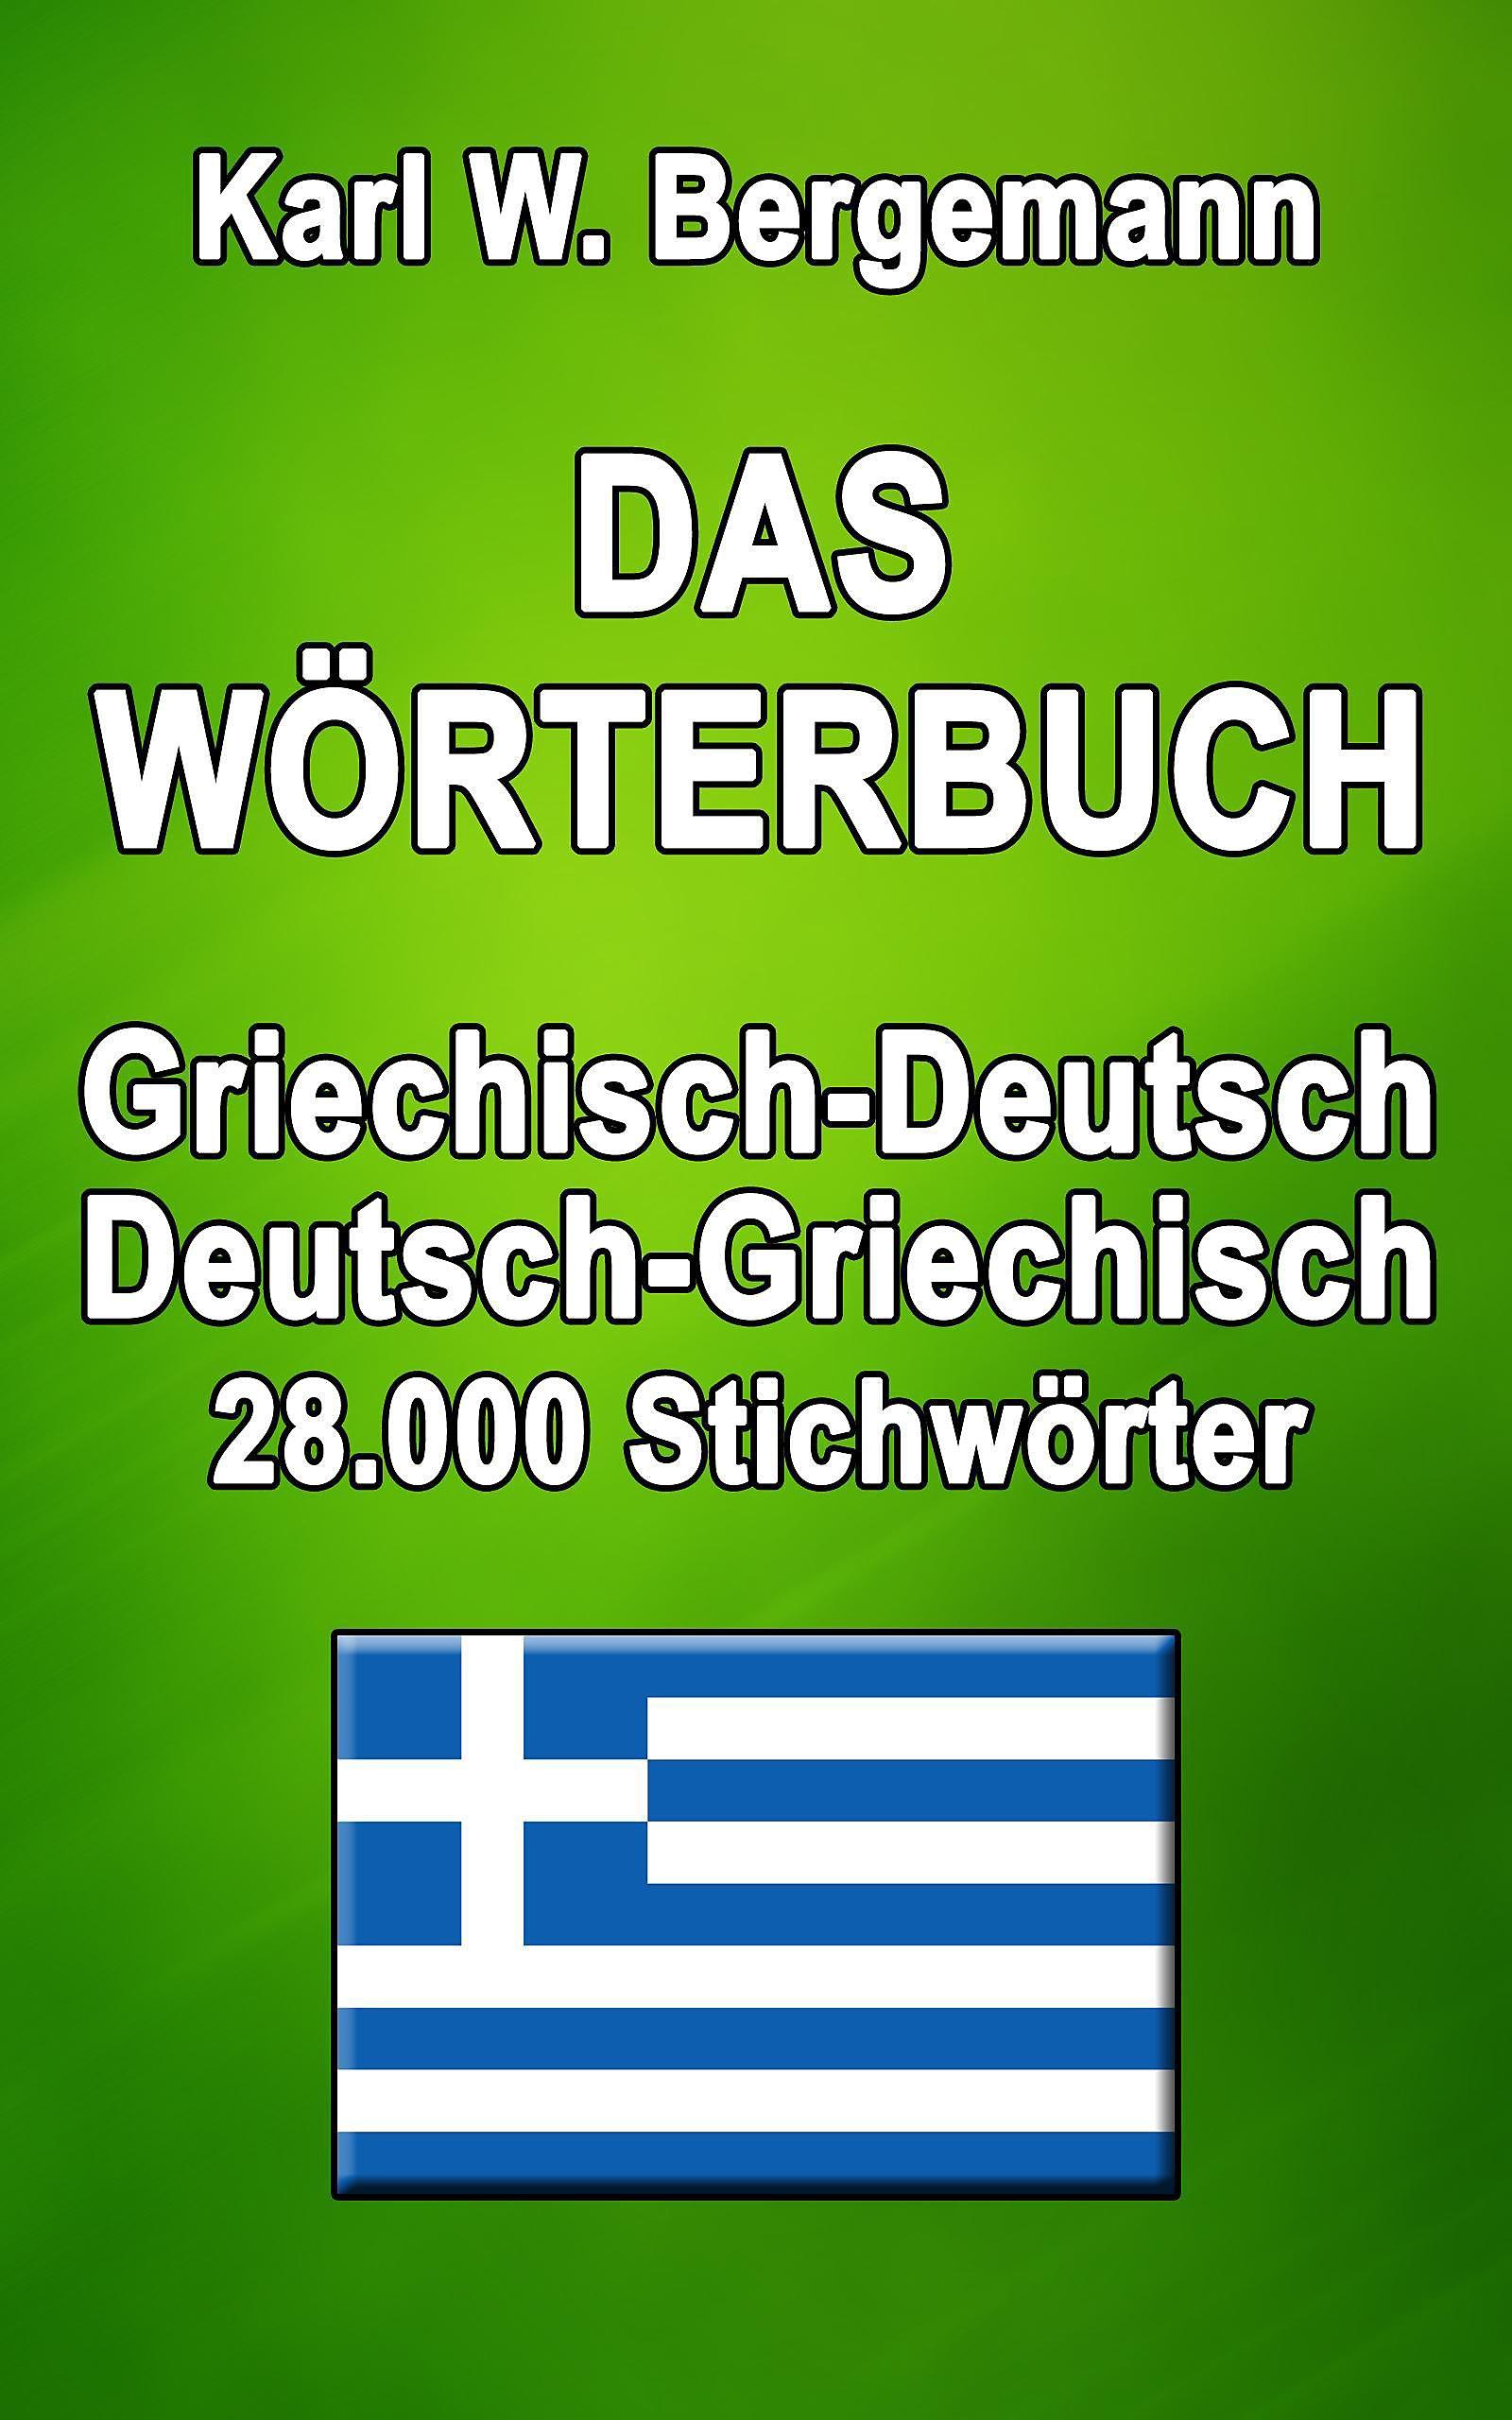 Das Wörterbuch Griechisch Deutsch Deutsch Griechisch Ebook